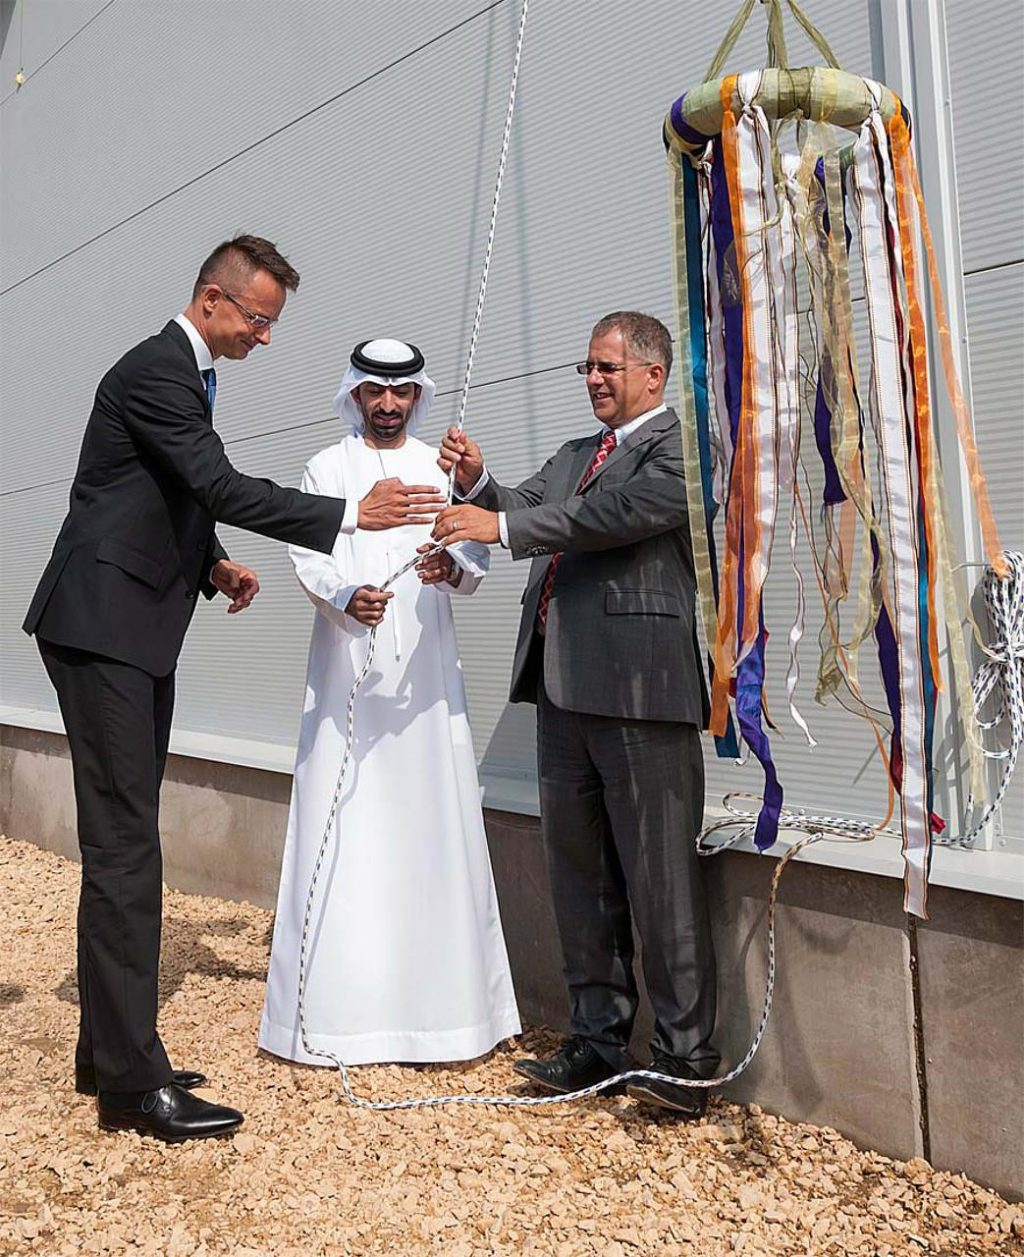 Szijjártó Péter, Abdullah Ahmed (a WDubai cégcsoport elnöke) és Kósa Lajos ugyanazt a kötelet szeretnék meghúzni. MTI Fotó